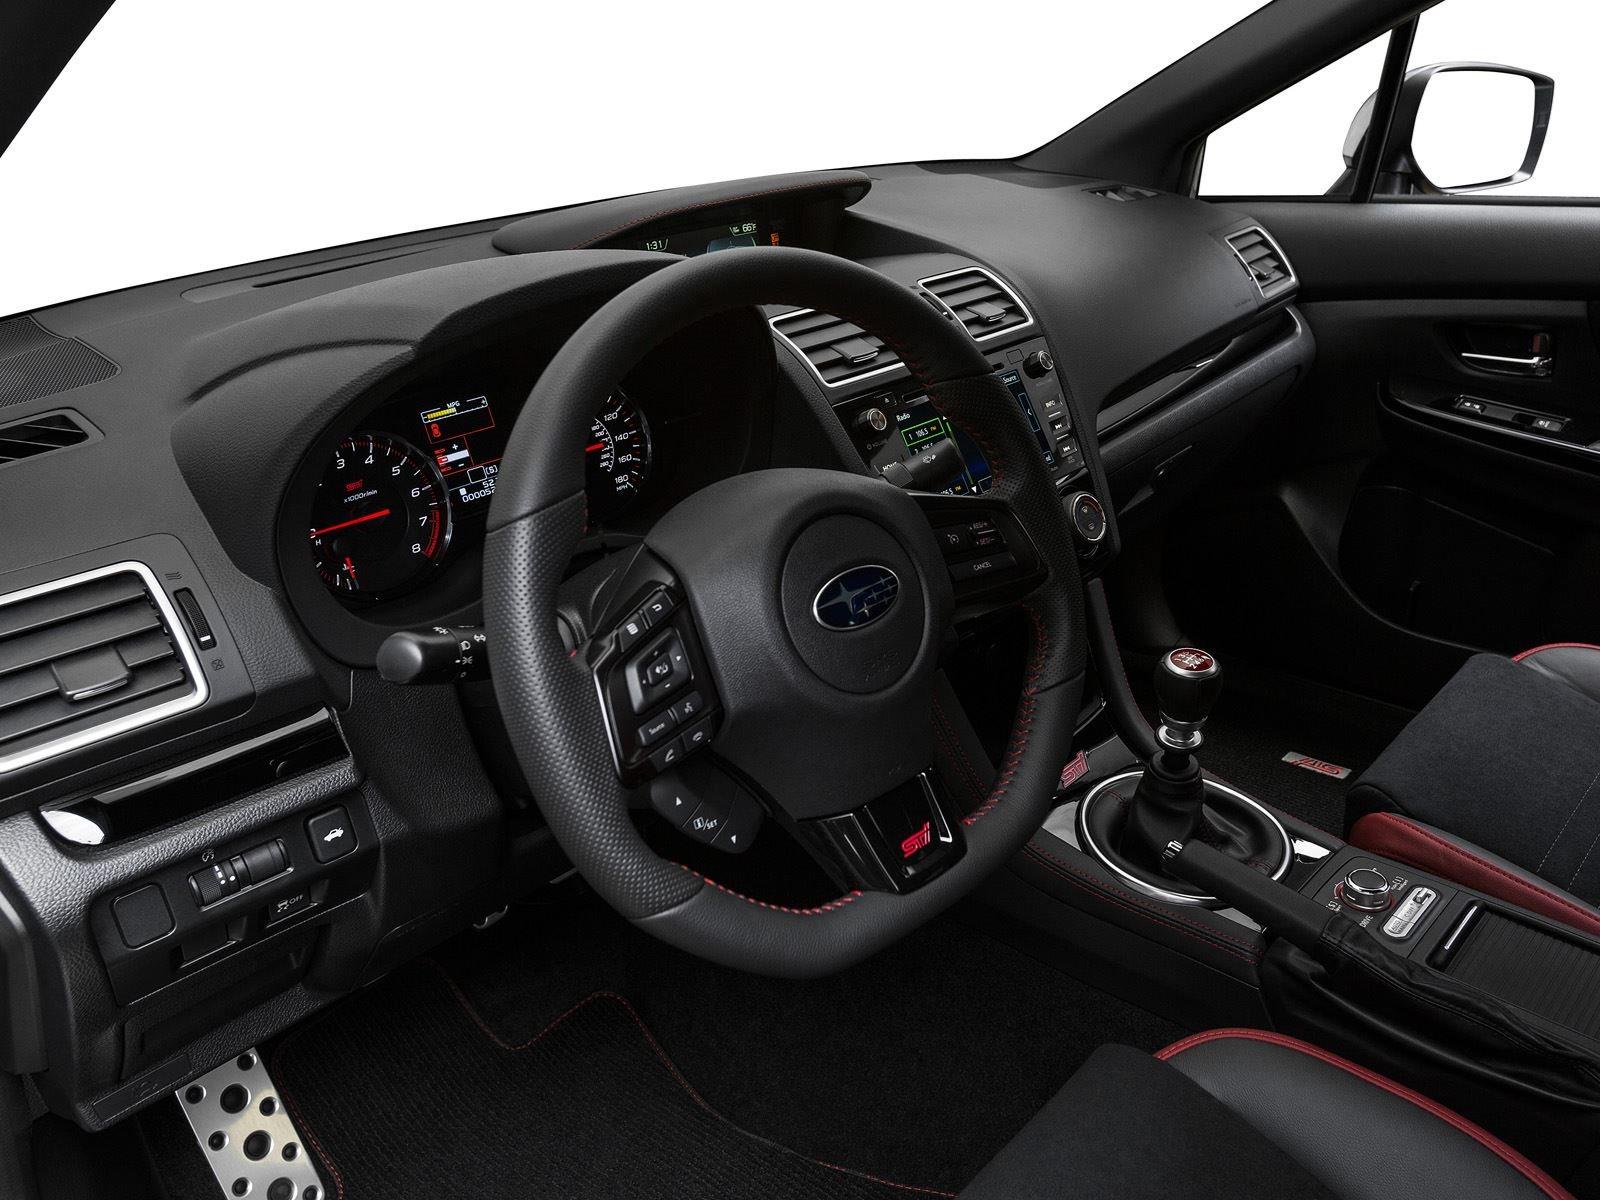 WRX и WRX STI по-прежнему живут на платформе Impreza предыдущего поколения, хотя эта модель переместилась на новые «кости» в 2017 году.